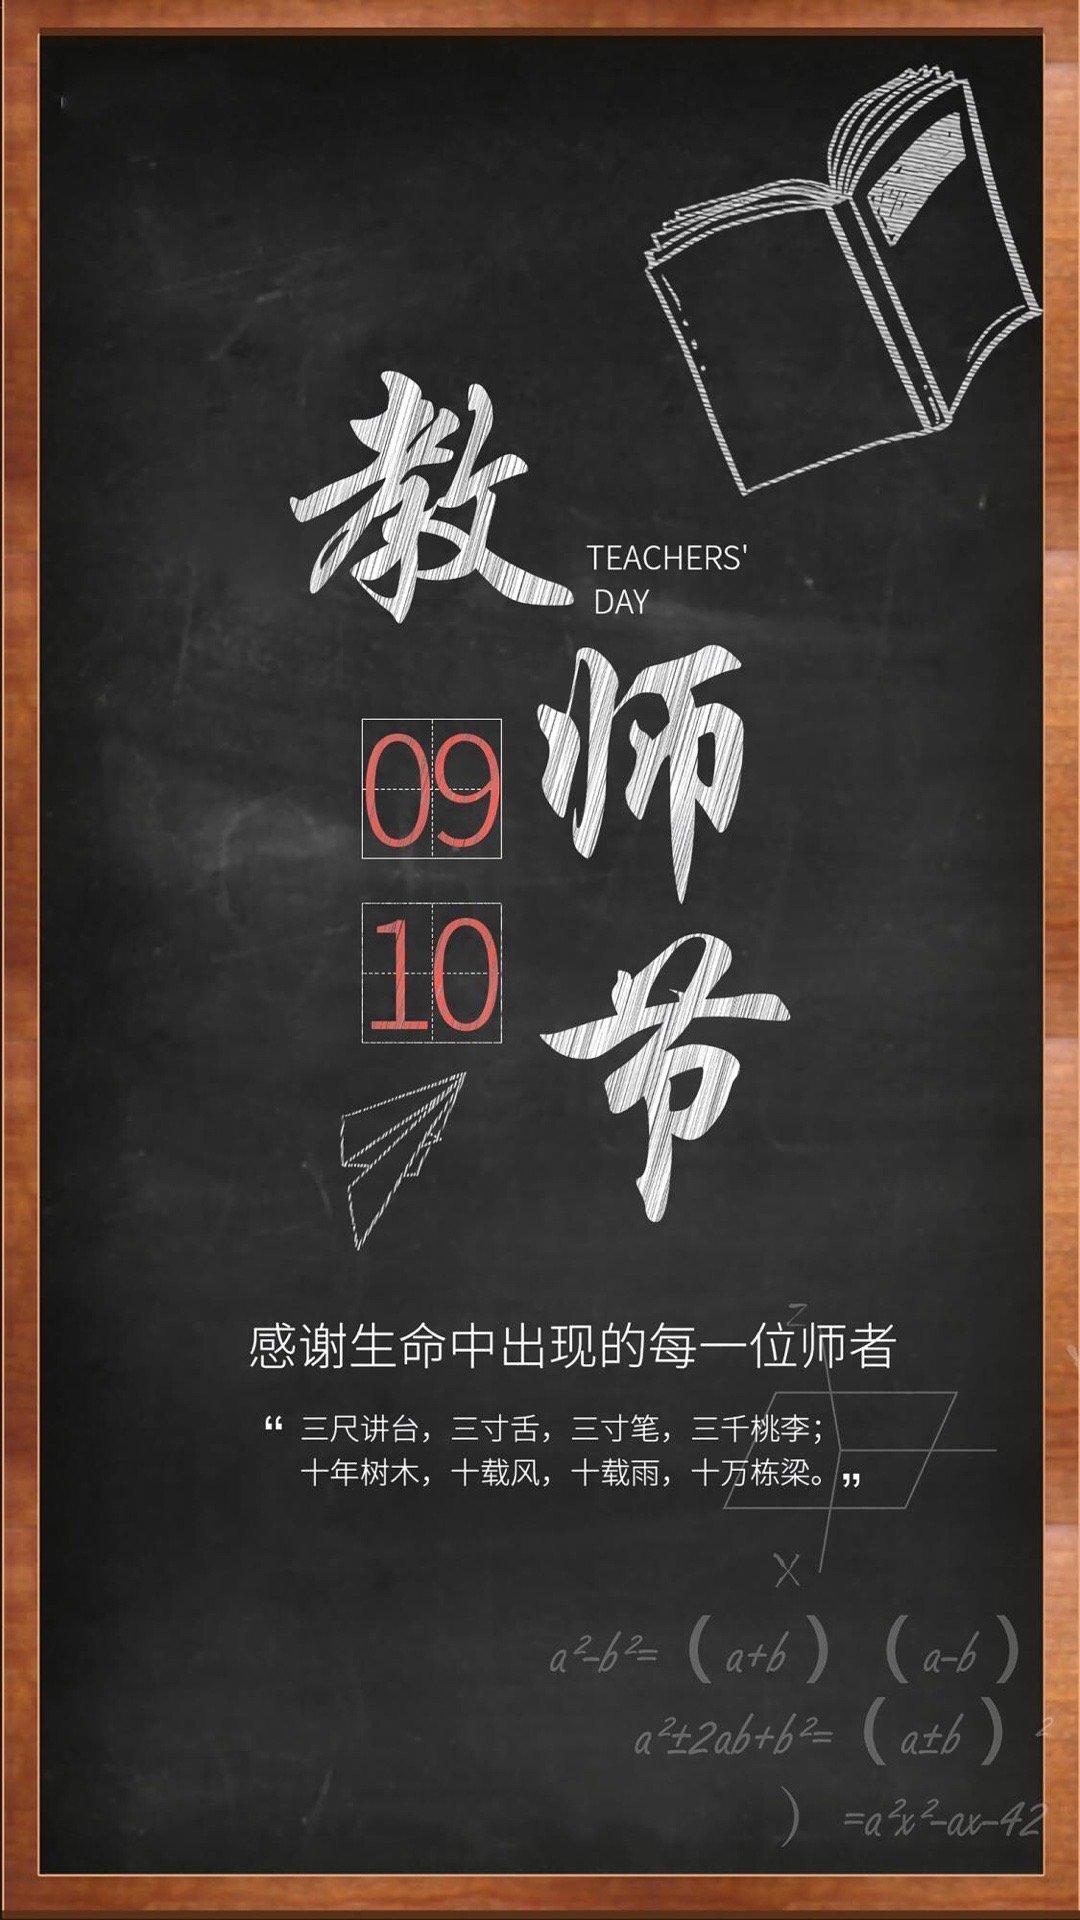 9.10教师节海报图片壁纸|桃李满天下,九月谢师恩